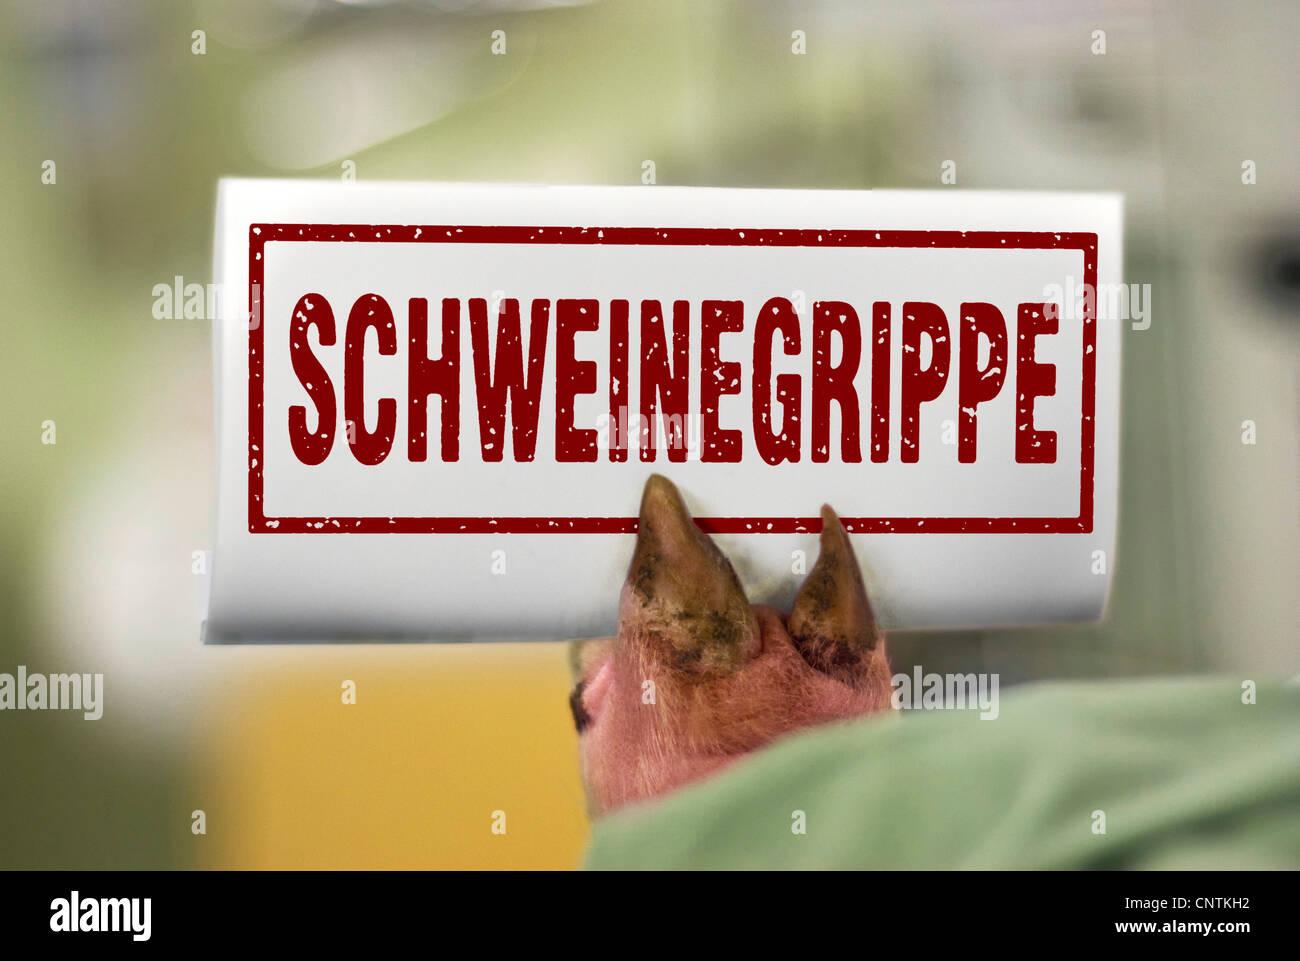 symbolic for swine influenza, Germany - Stock Image